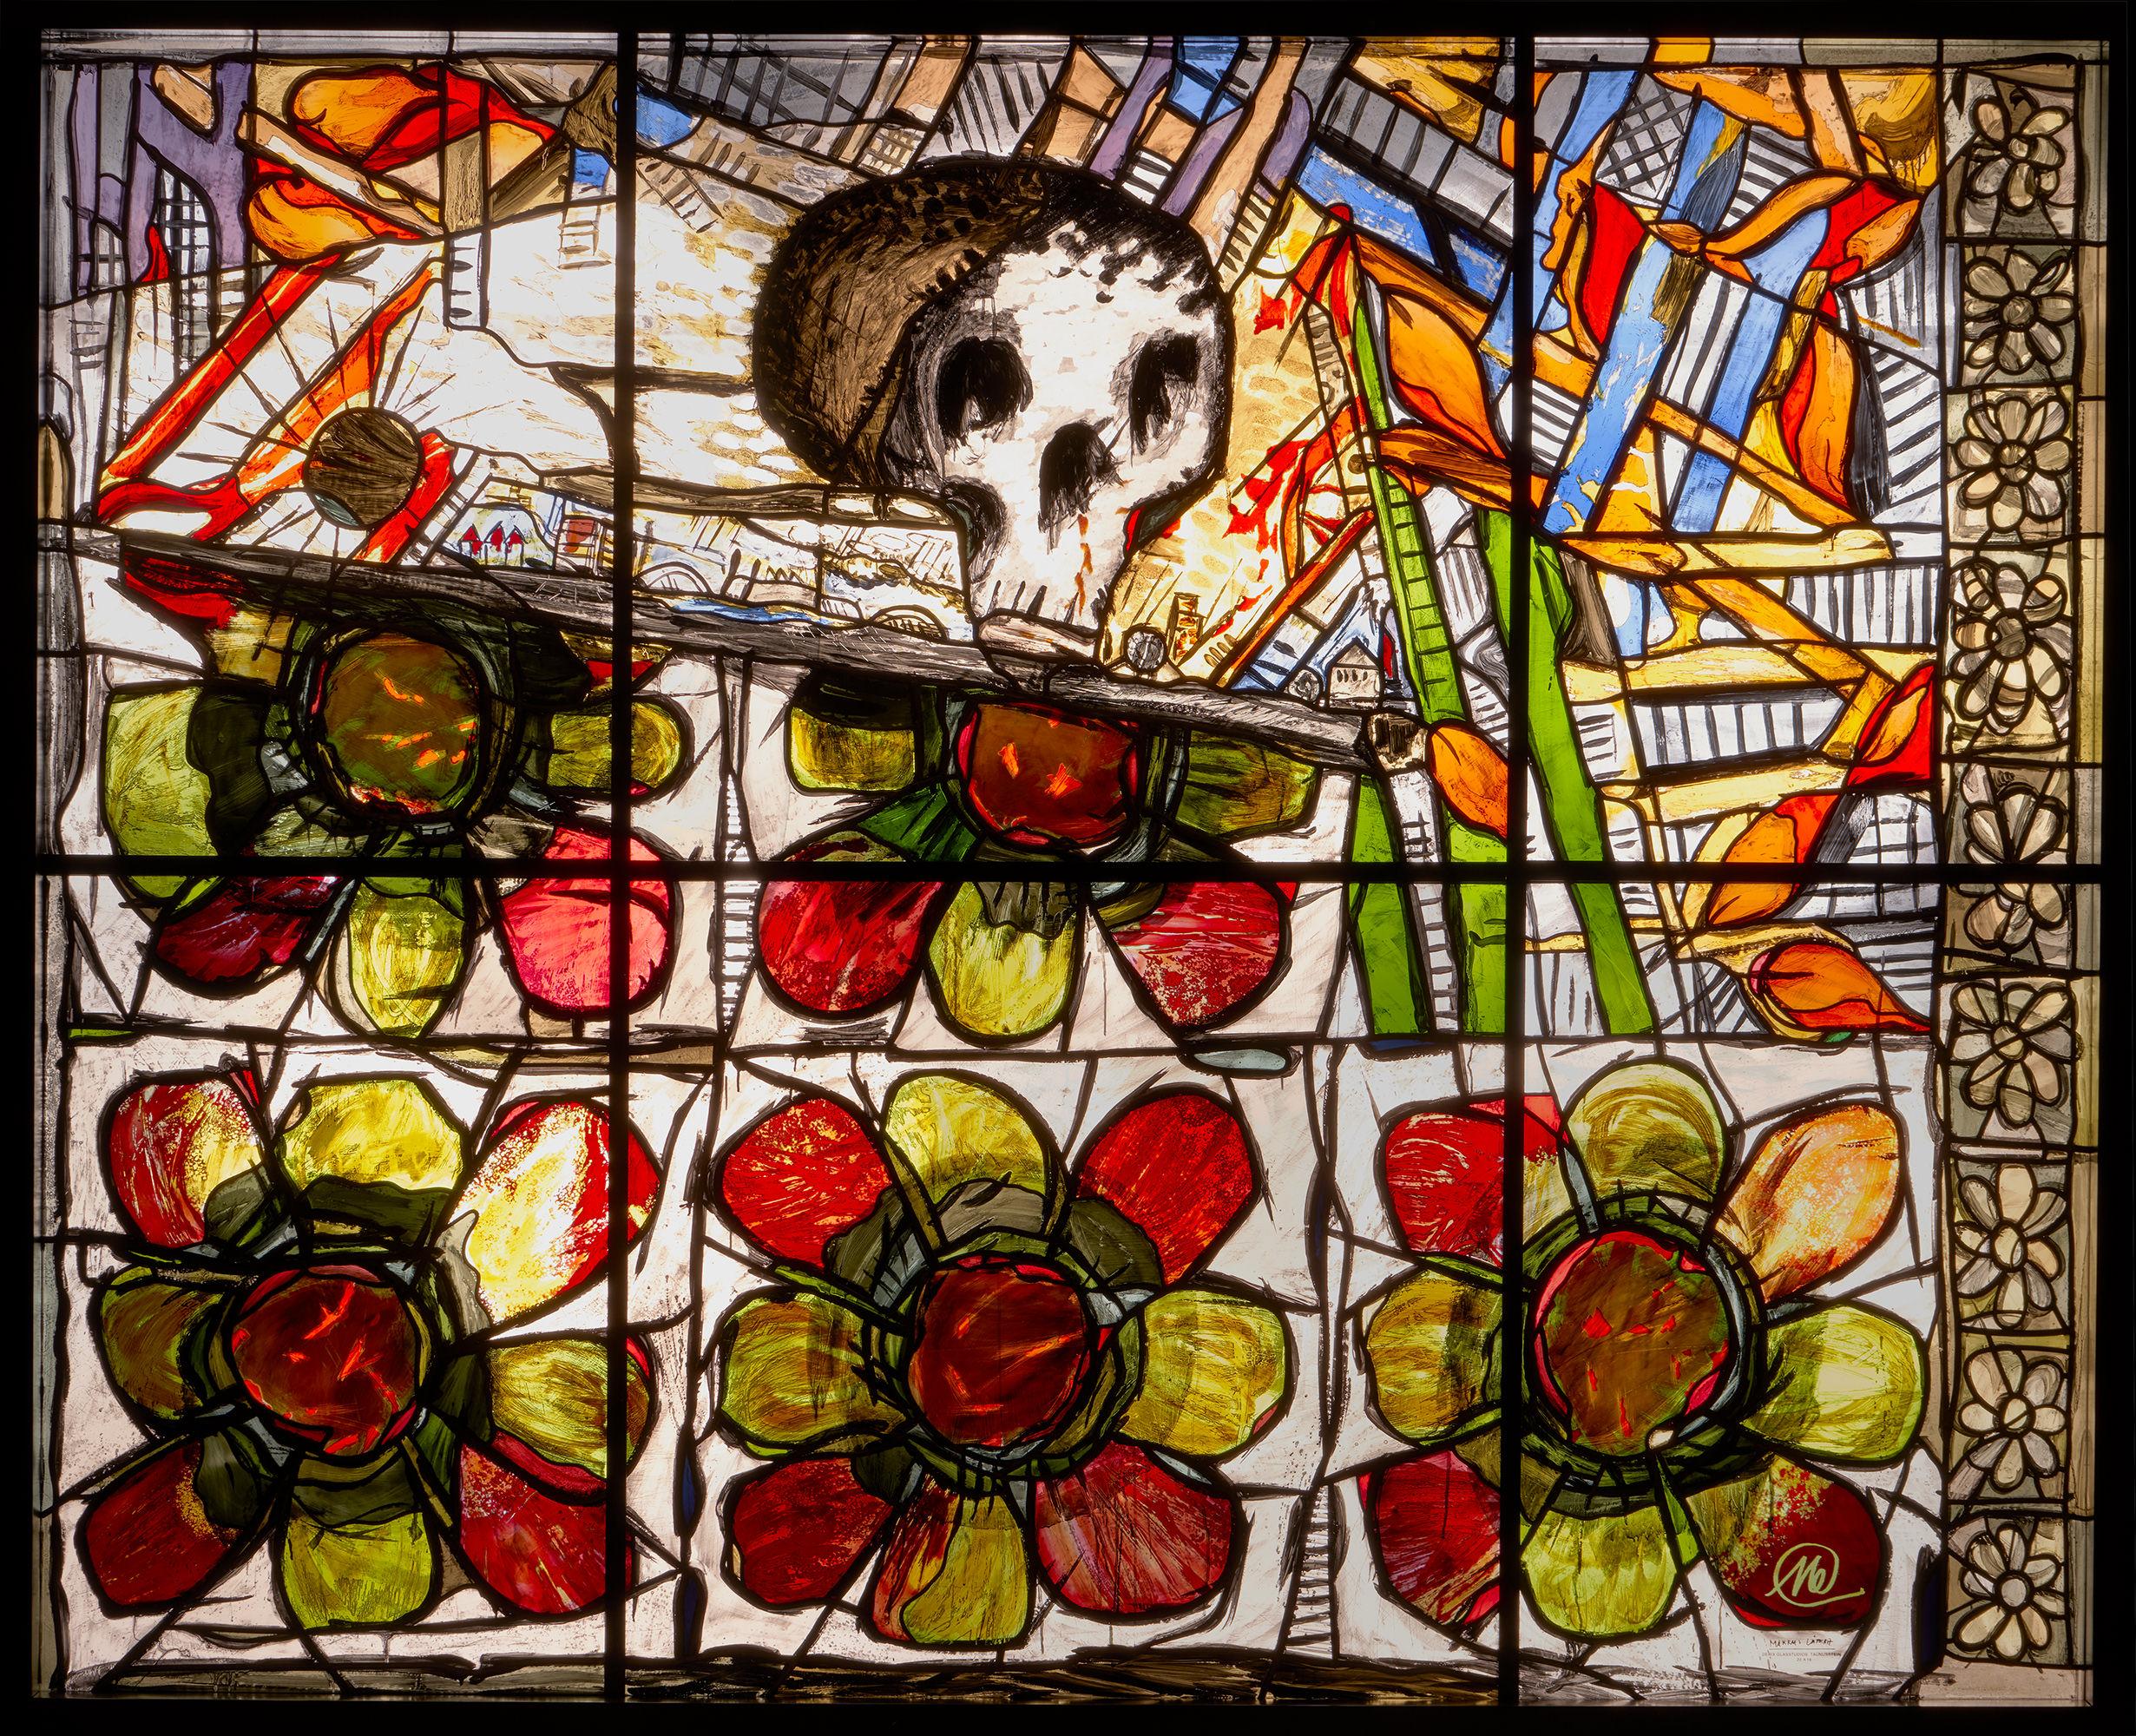 Markus Lüpertz Herbstfenster